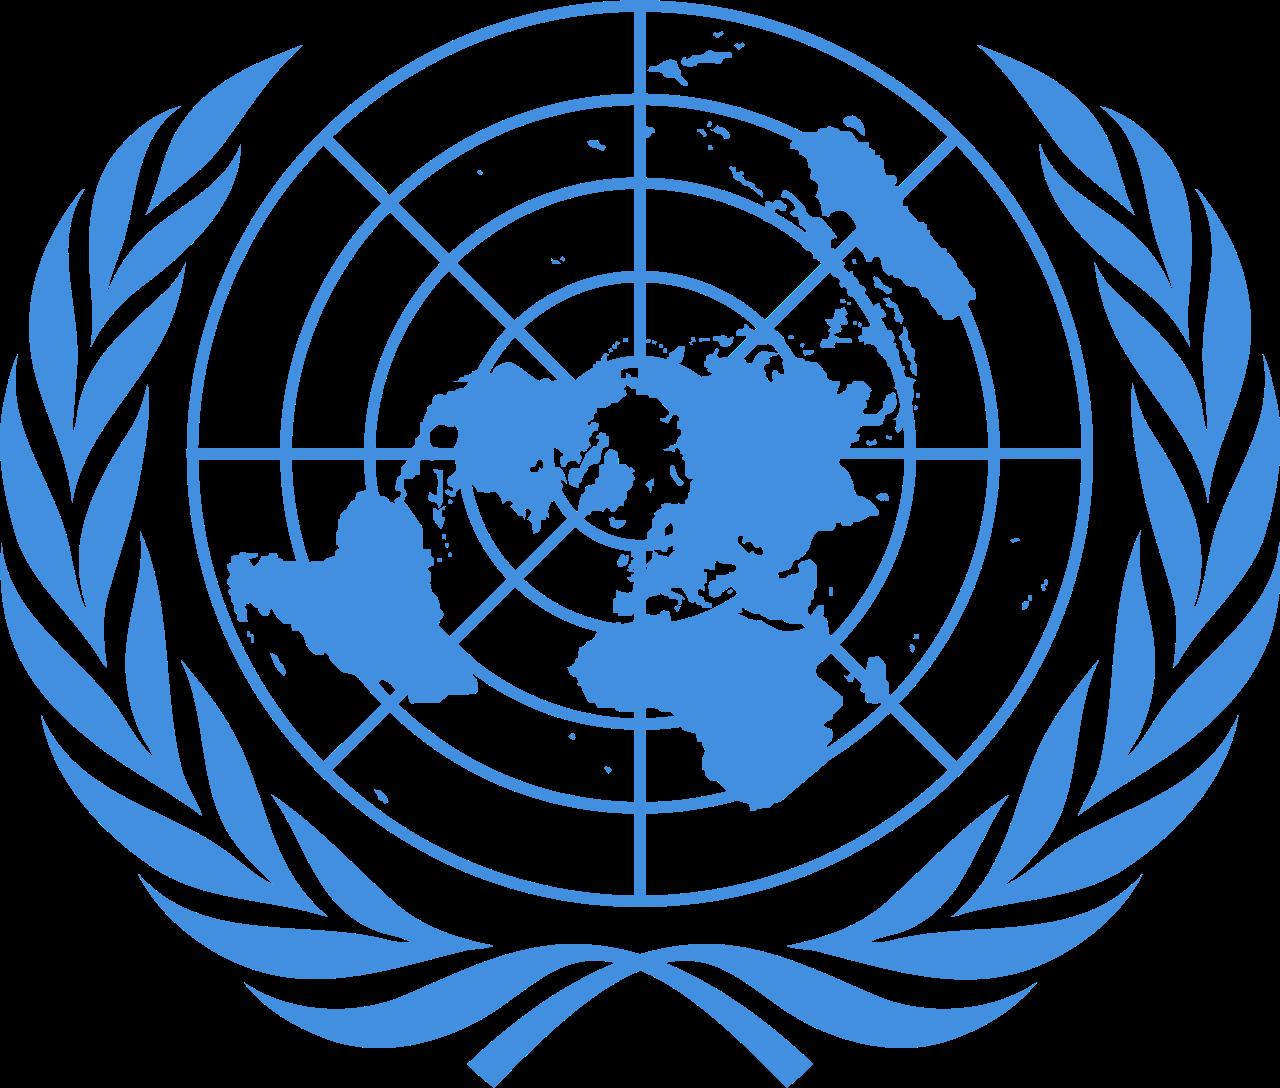 [Consejo de Seguridad de las Naciones Unidas] Coalición Internacional de Confrontación al Terrorismo 1280px10